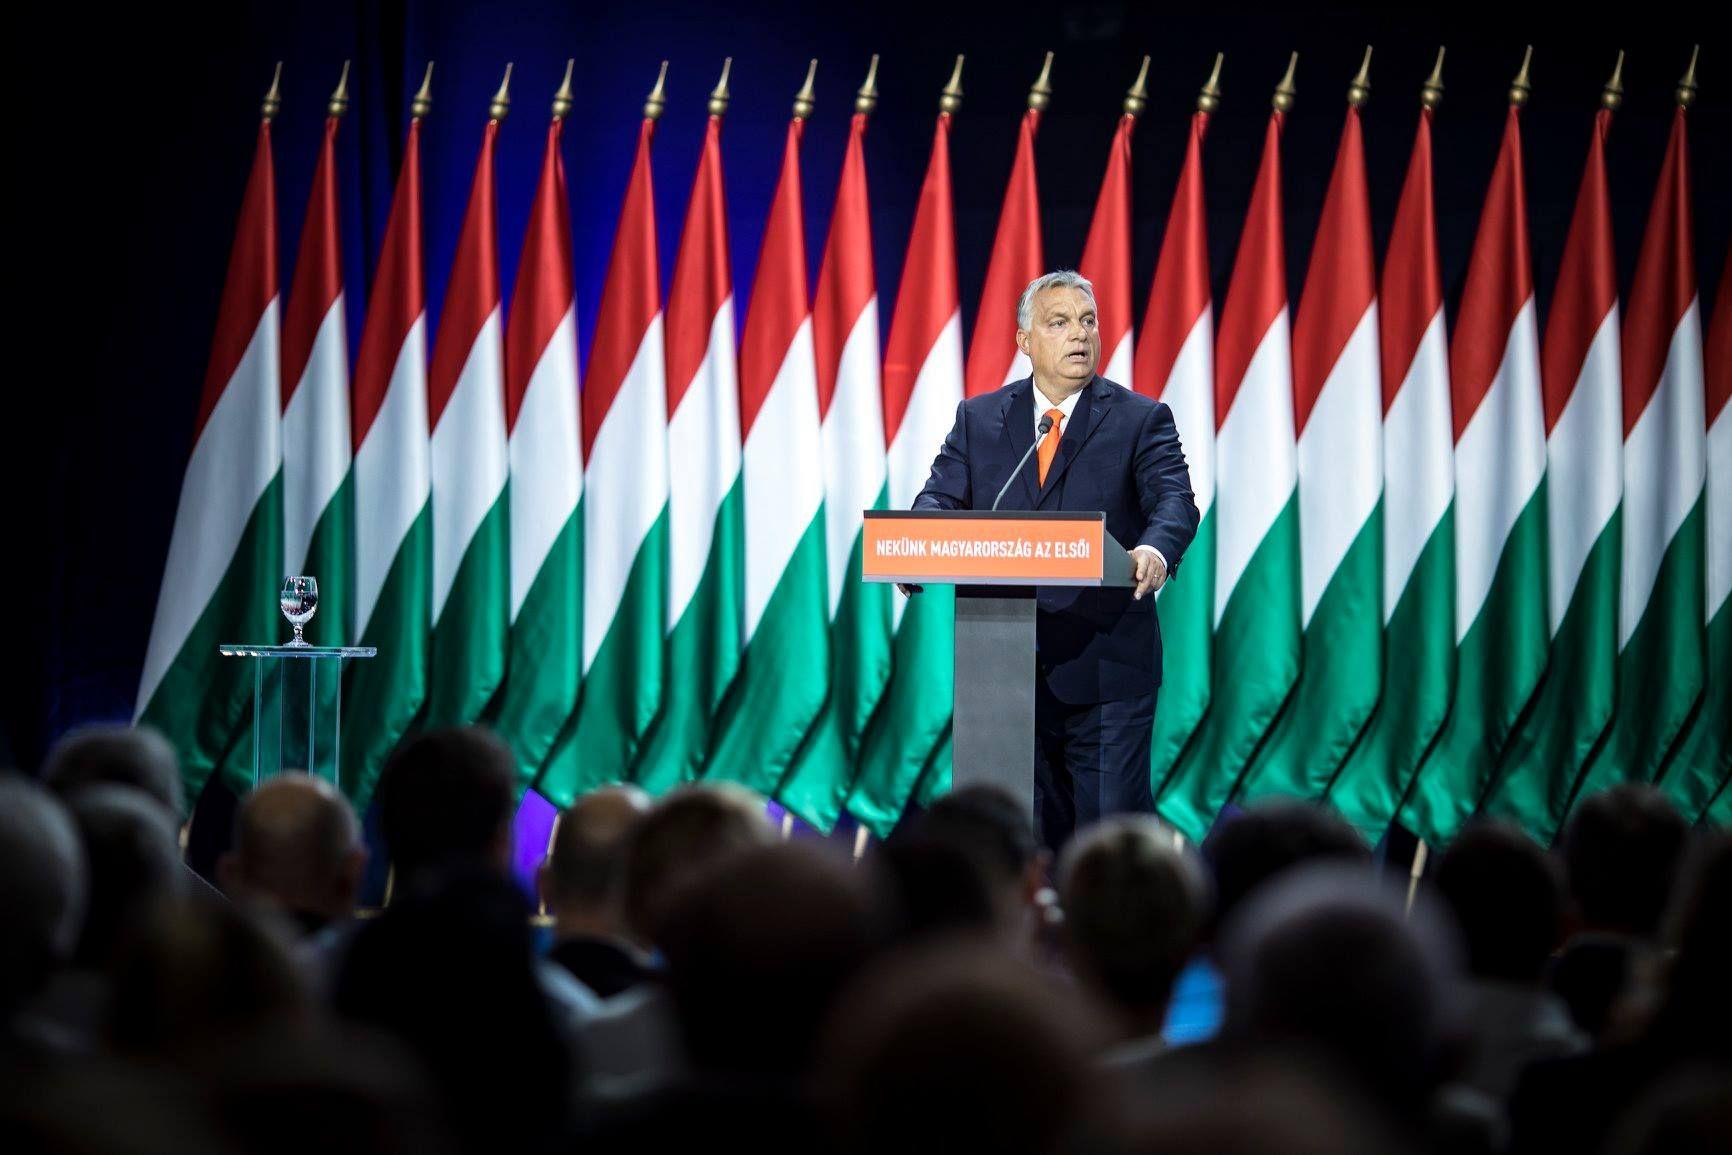 Orban: Roditelji s pravom očekuju da djeca ne budu izložena pornografiji i promociji homoseksualnosti